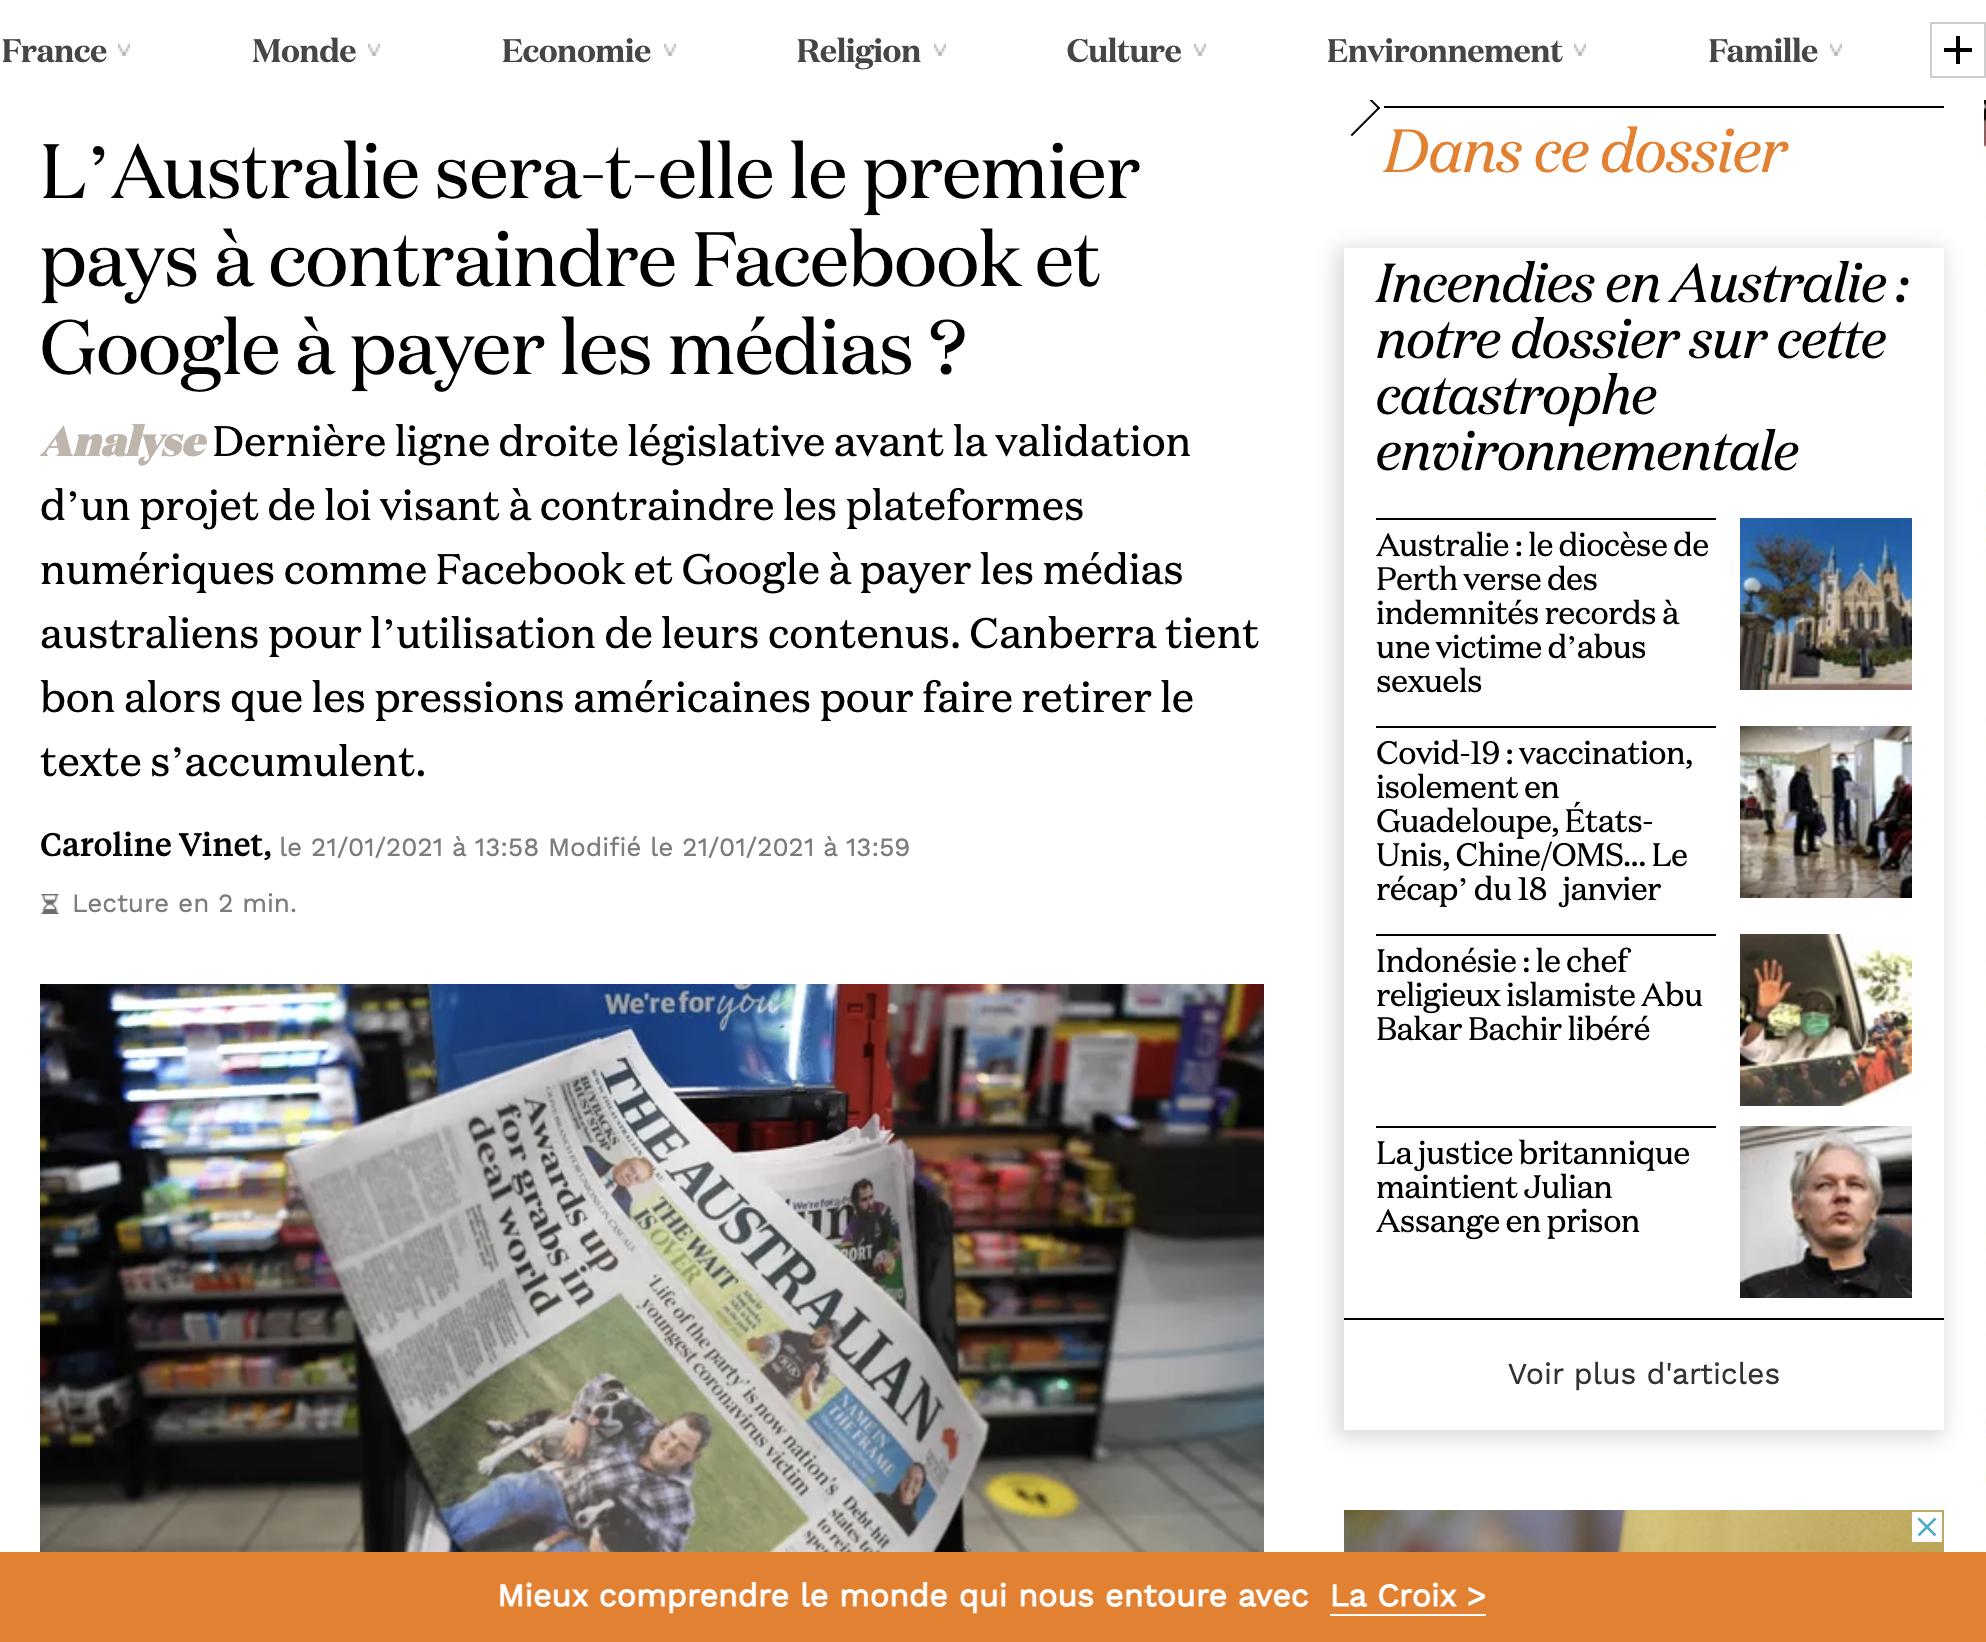 L'Australie sera-t-elle le premier pays à contraindre Facebook et Google à payer les médias?